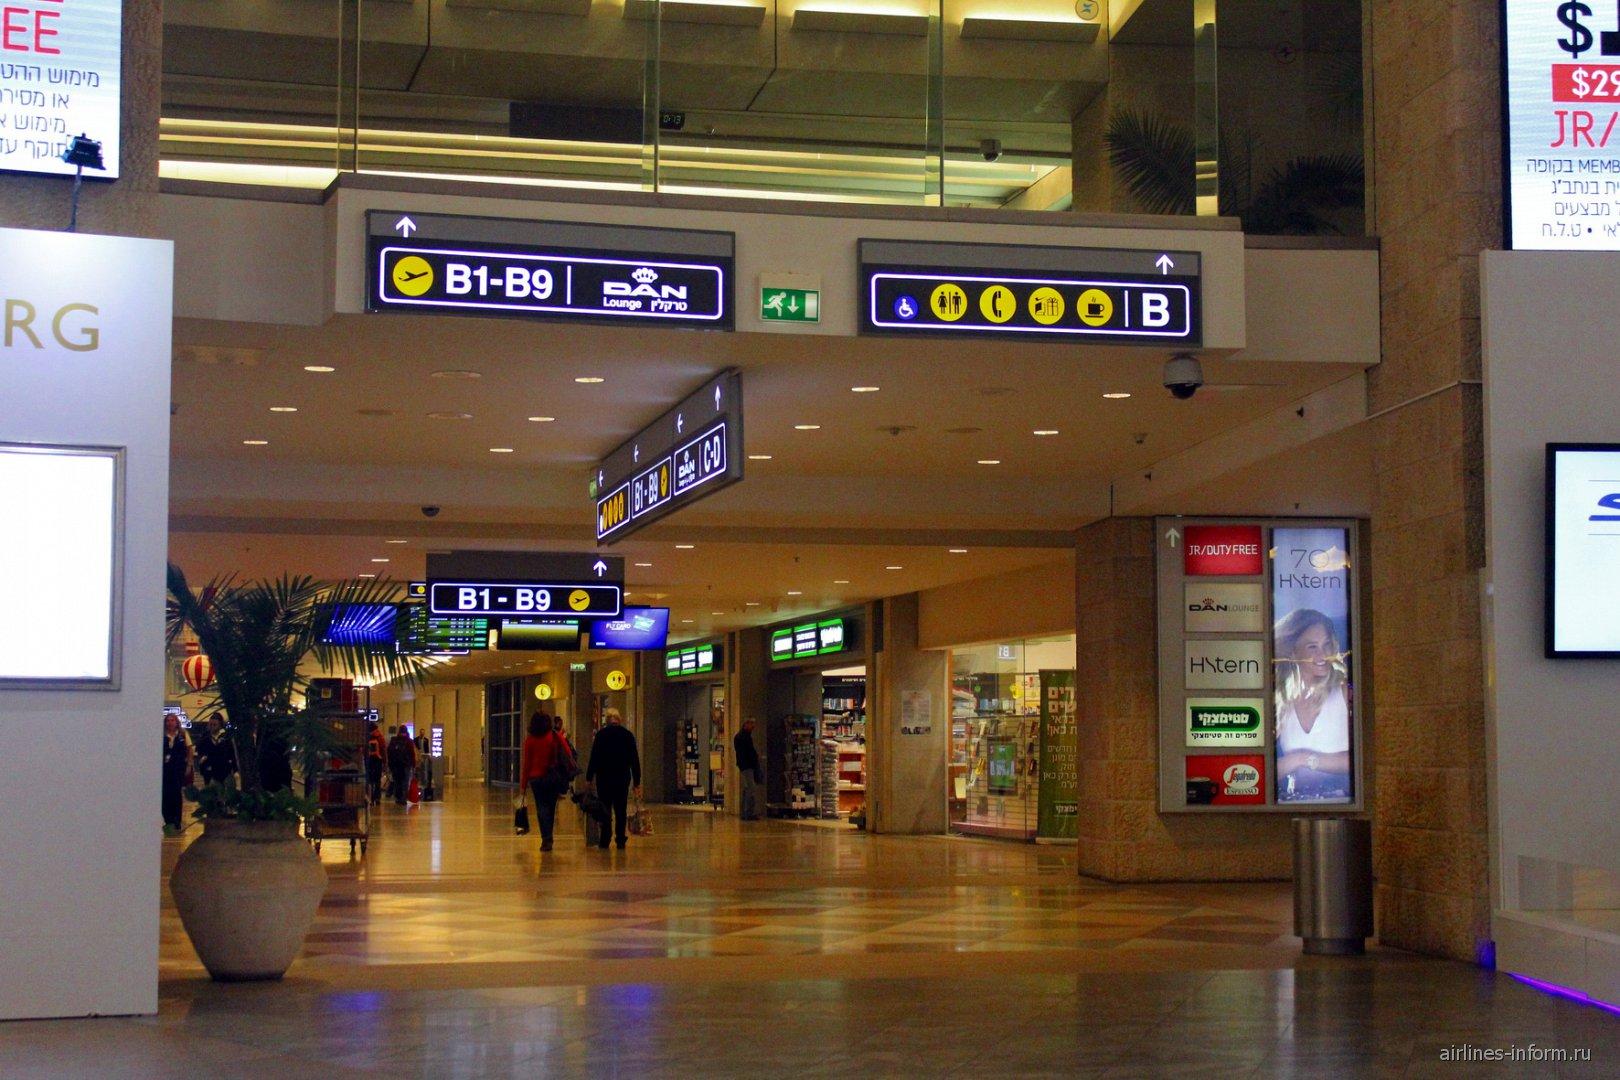 В чистой зоне аэропорта Тель-Авив Бен Гурион